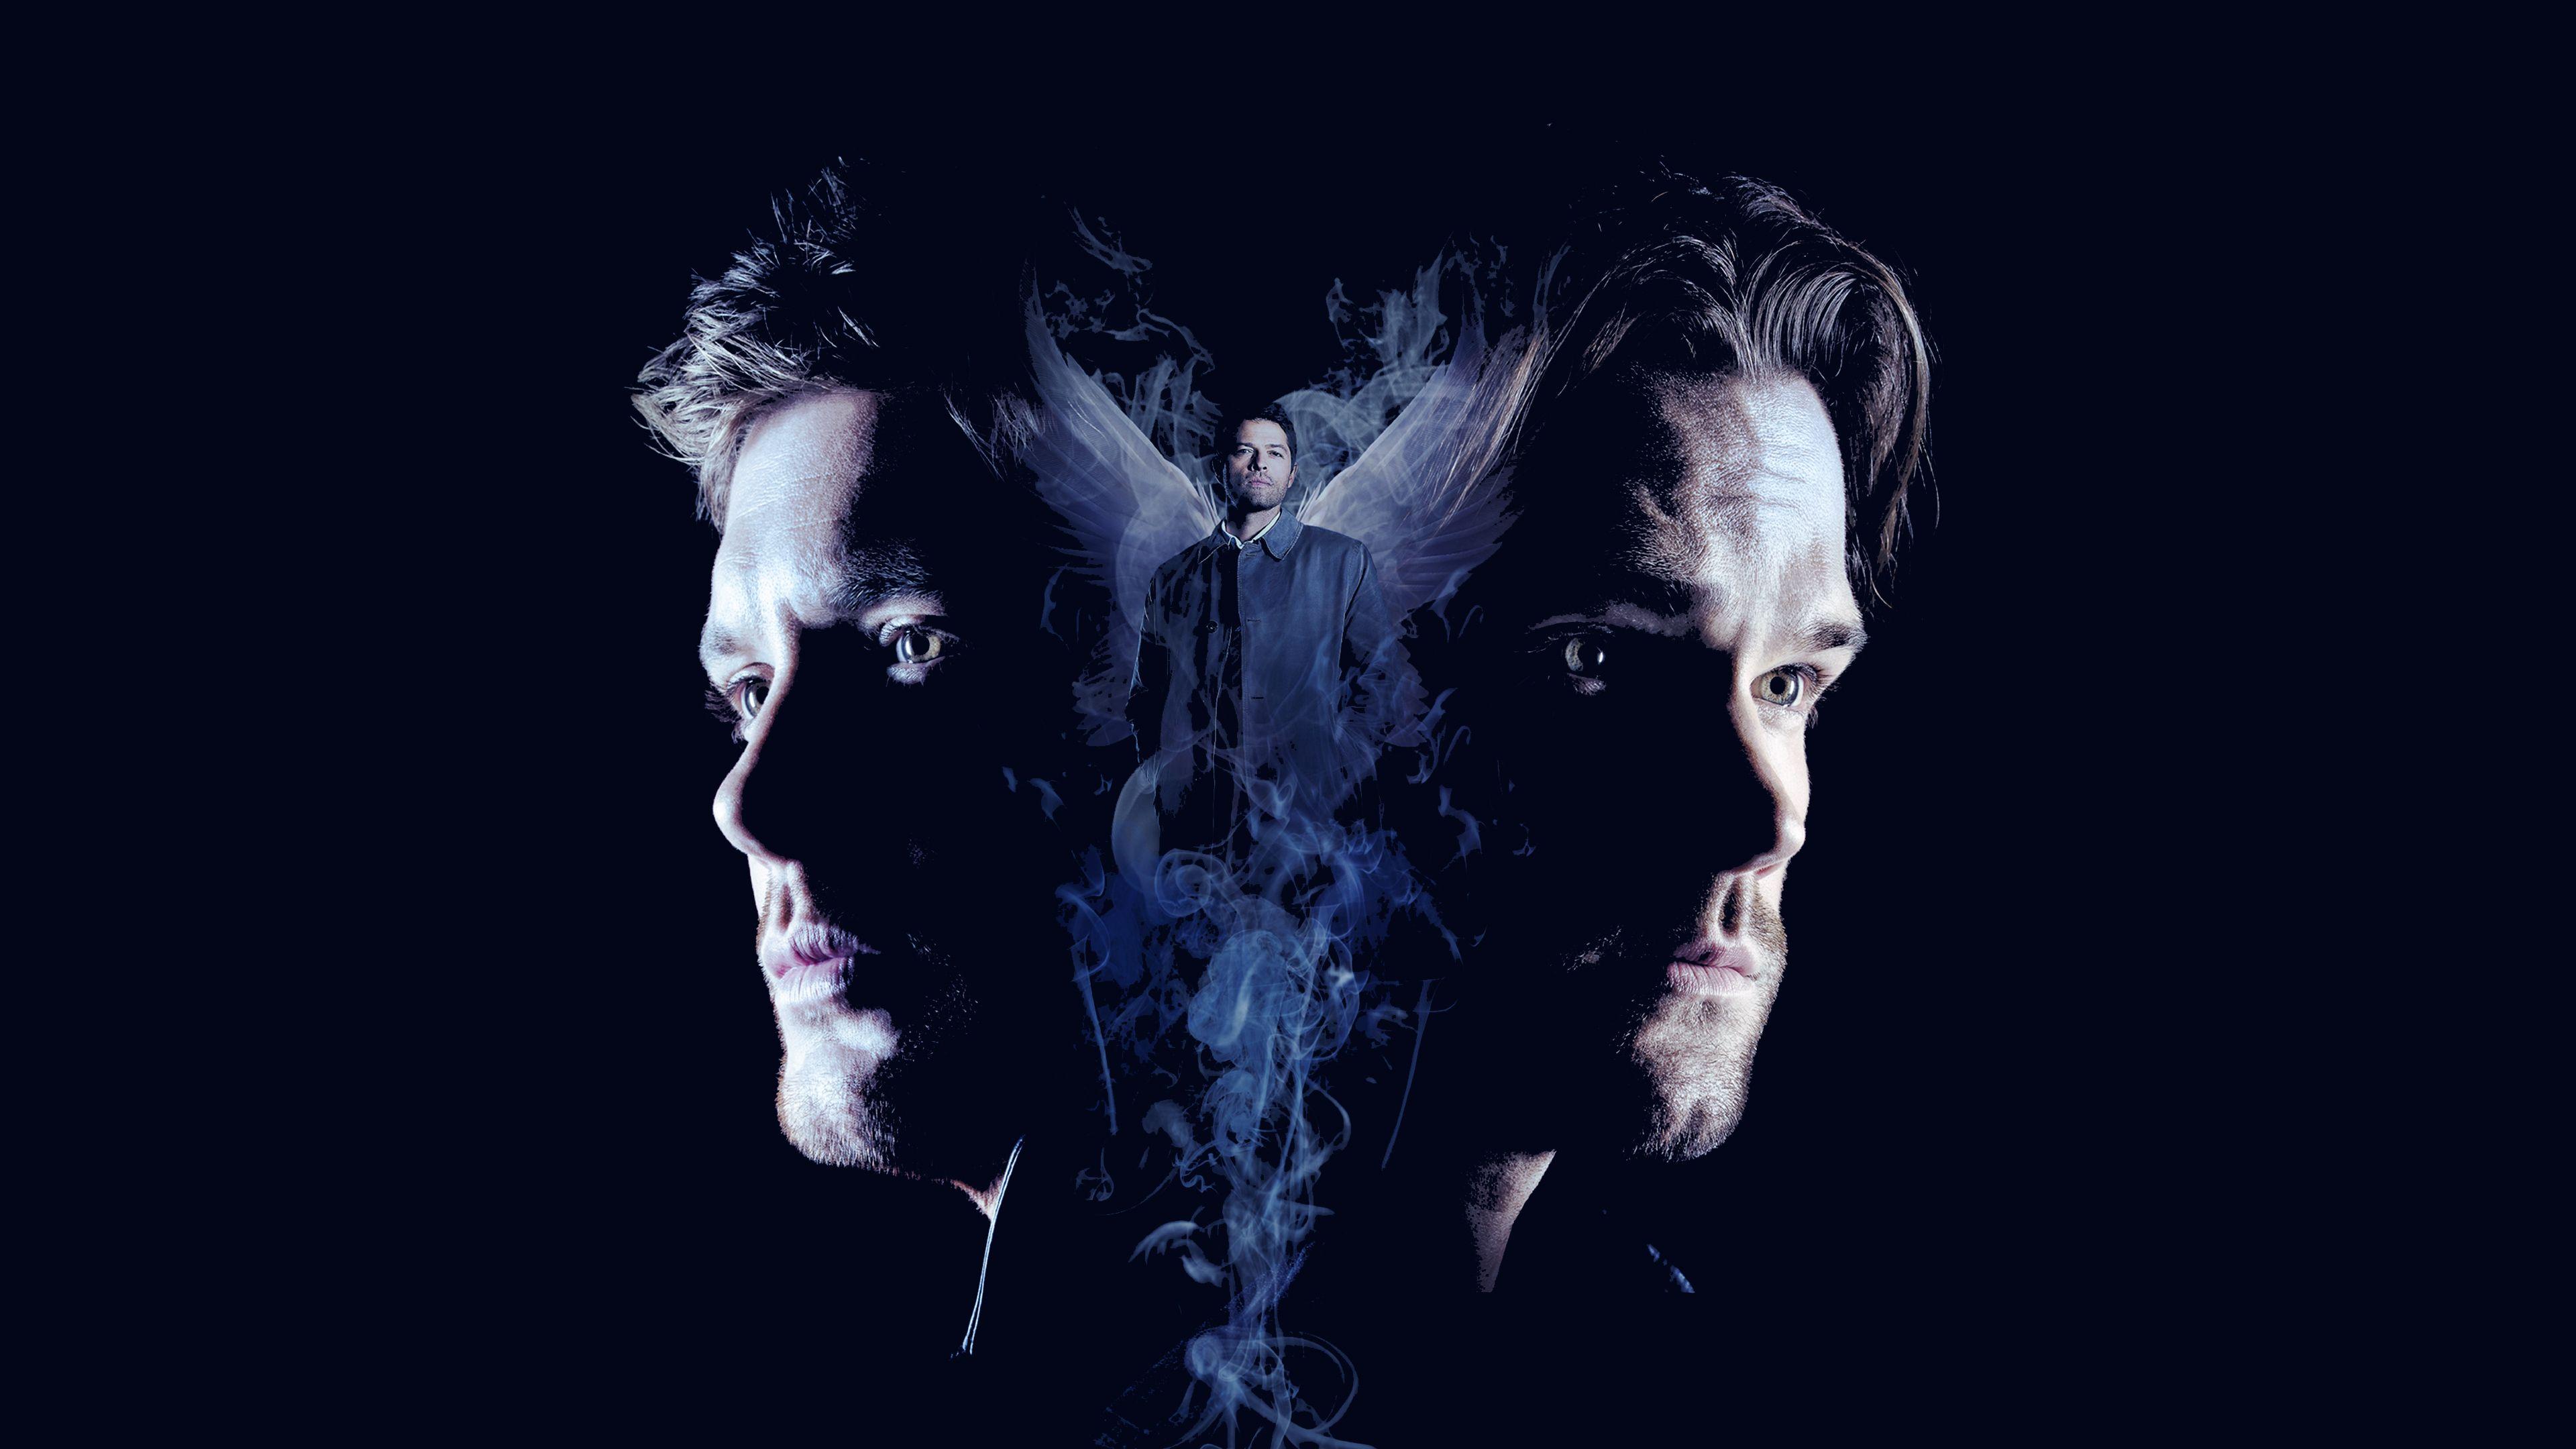 Wallpaper 4k Supernatural Season 15 Supernatural 2020 Wallpapers